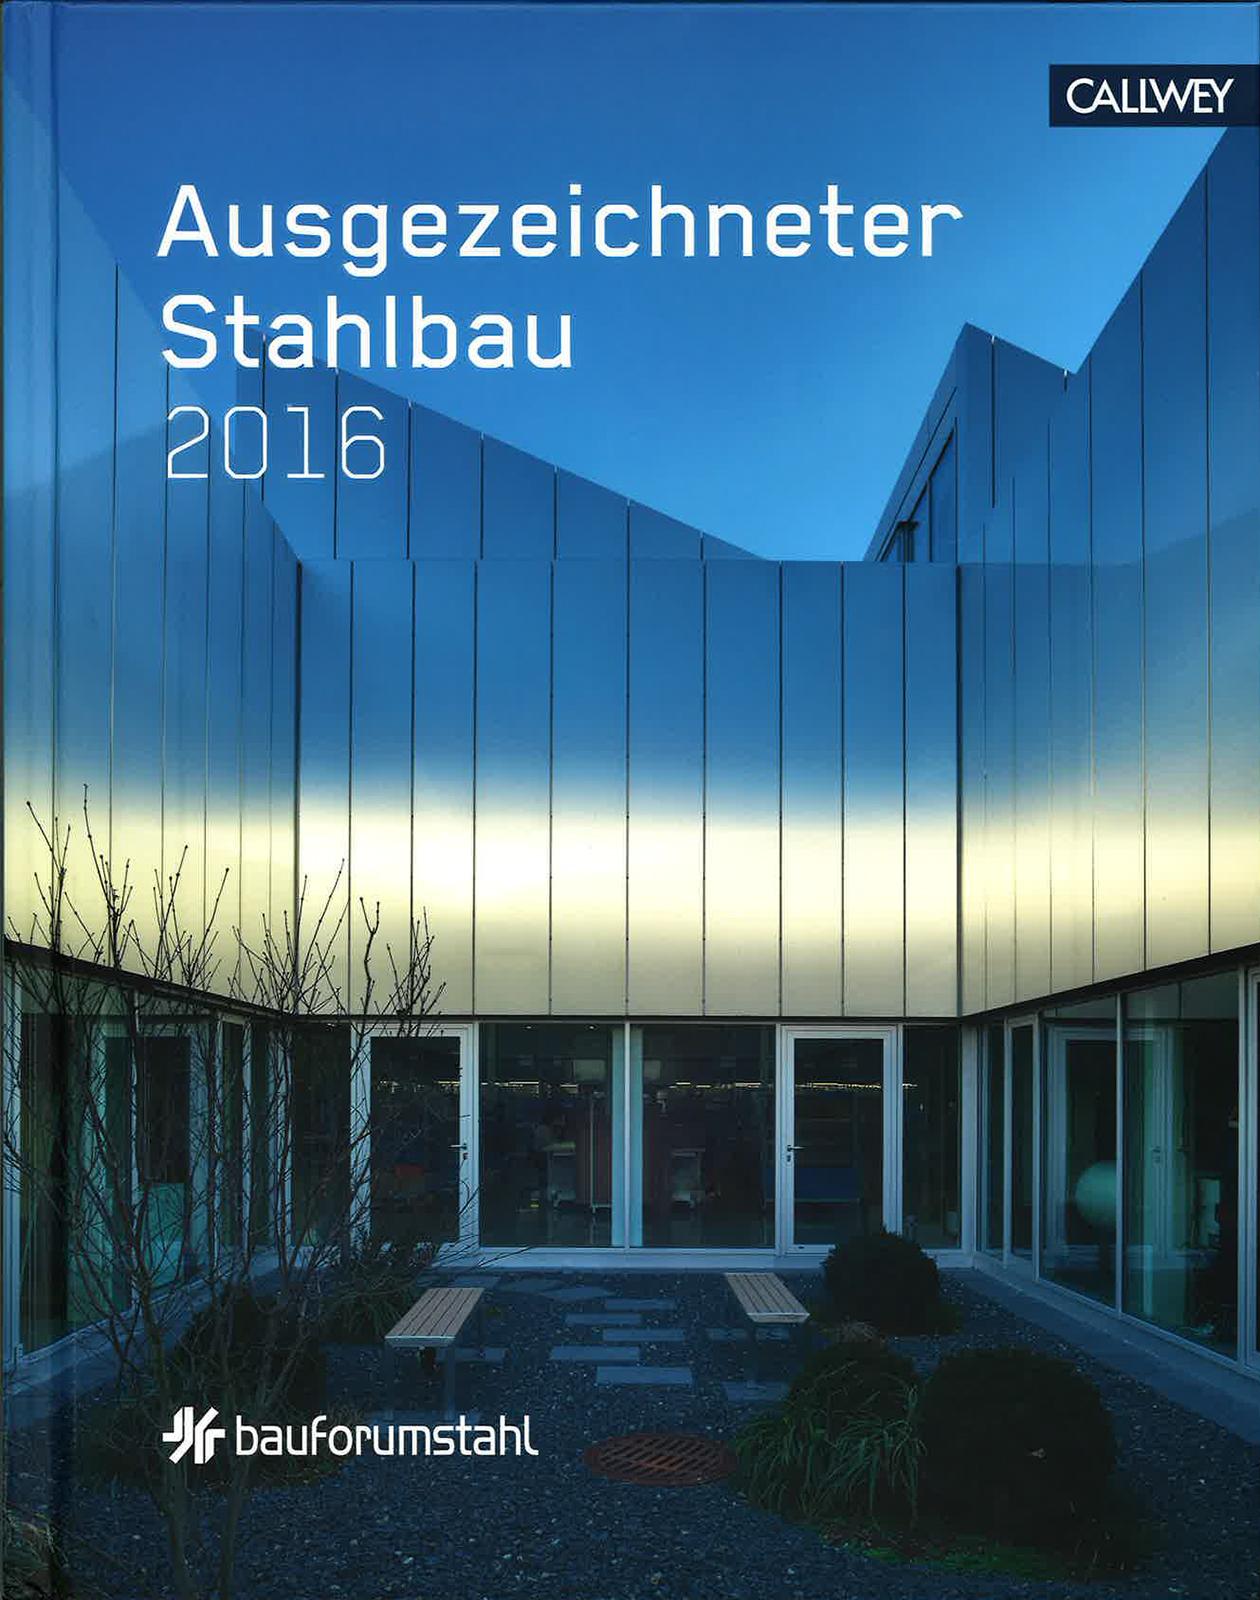 Ausgezeichneter Stahlbau 2016 Bauforumstahl Verlag Georg D. W. Callwey, München 2016 ISBN 978-3-7667-2235-5